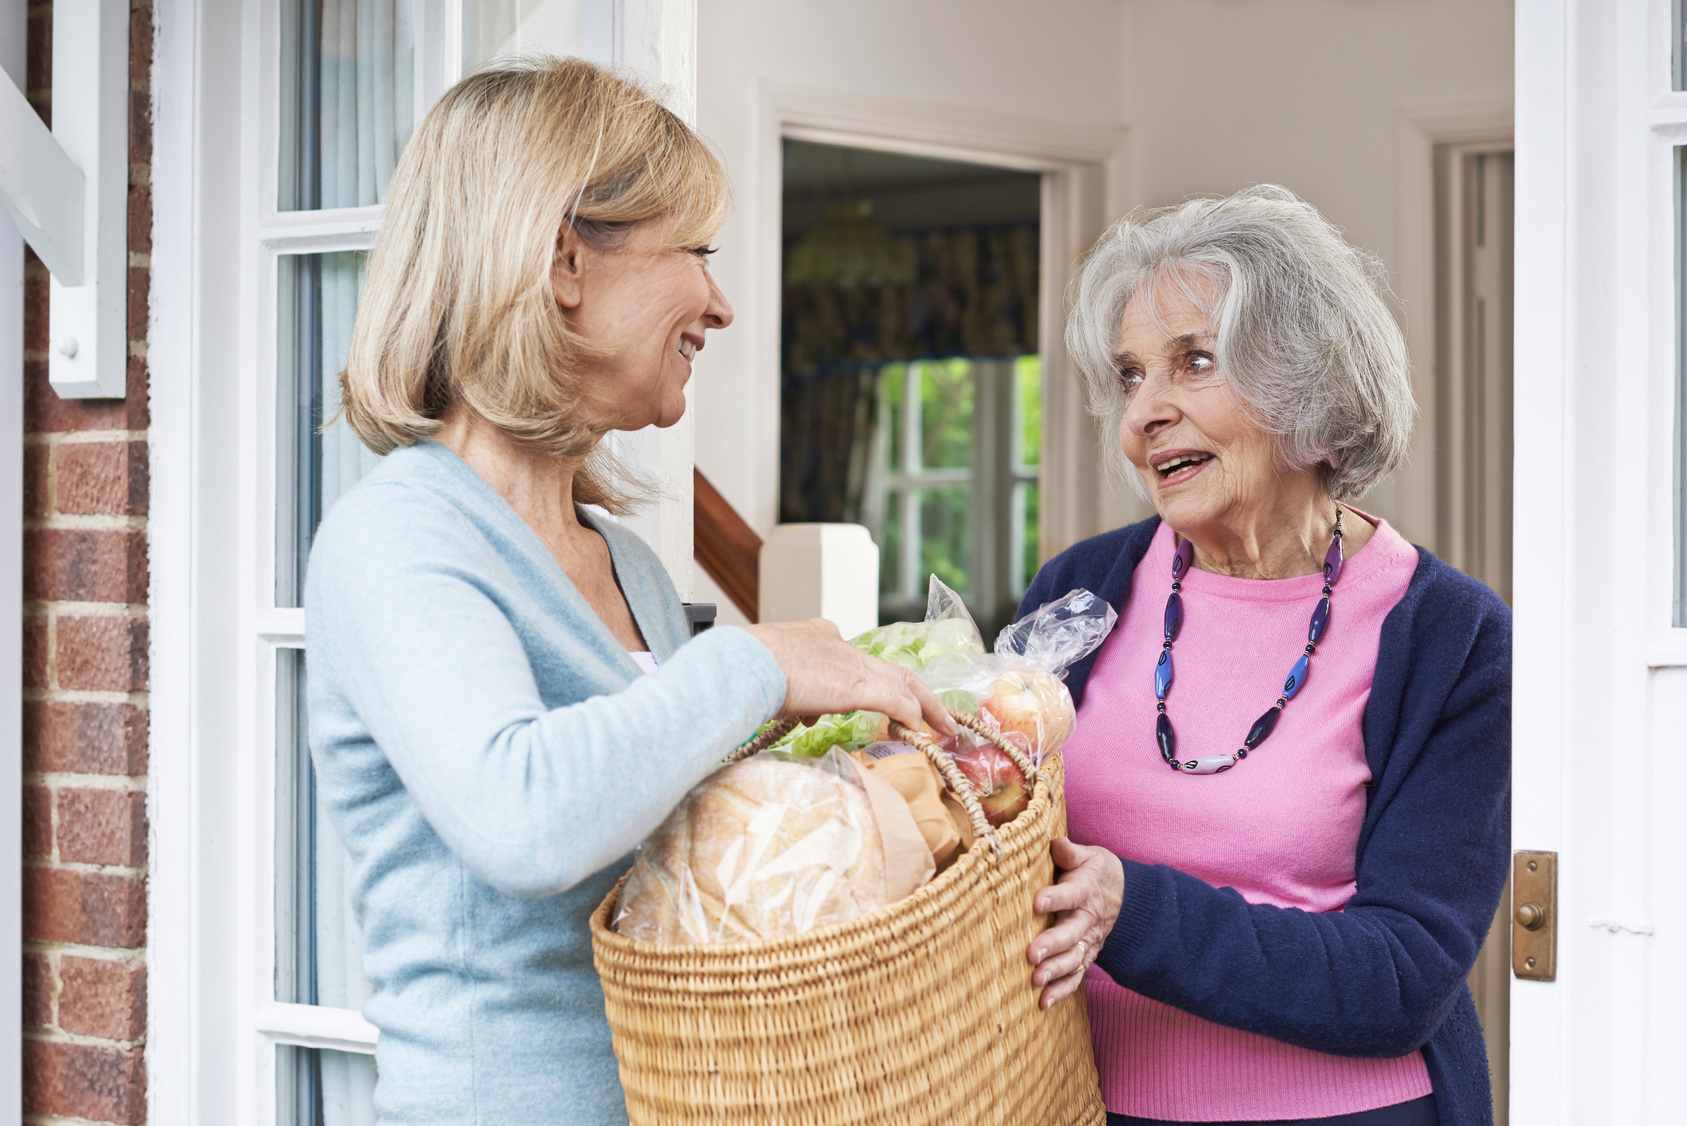 Seniorin beansprucht Entlastungsleistungen